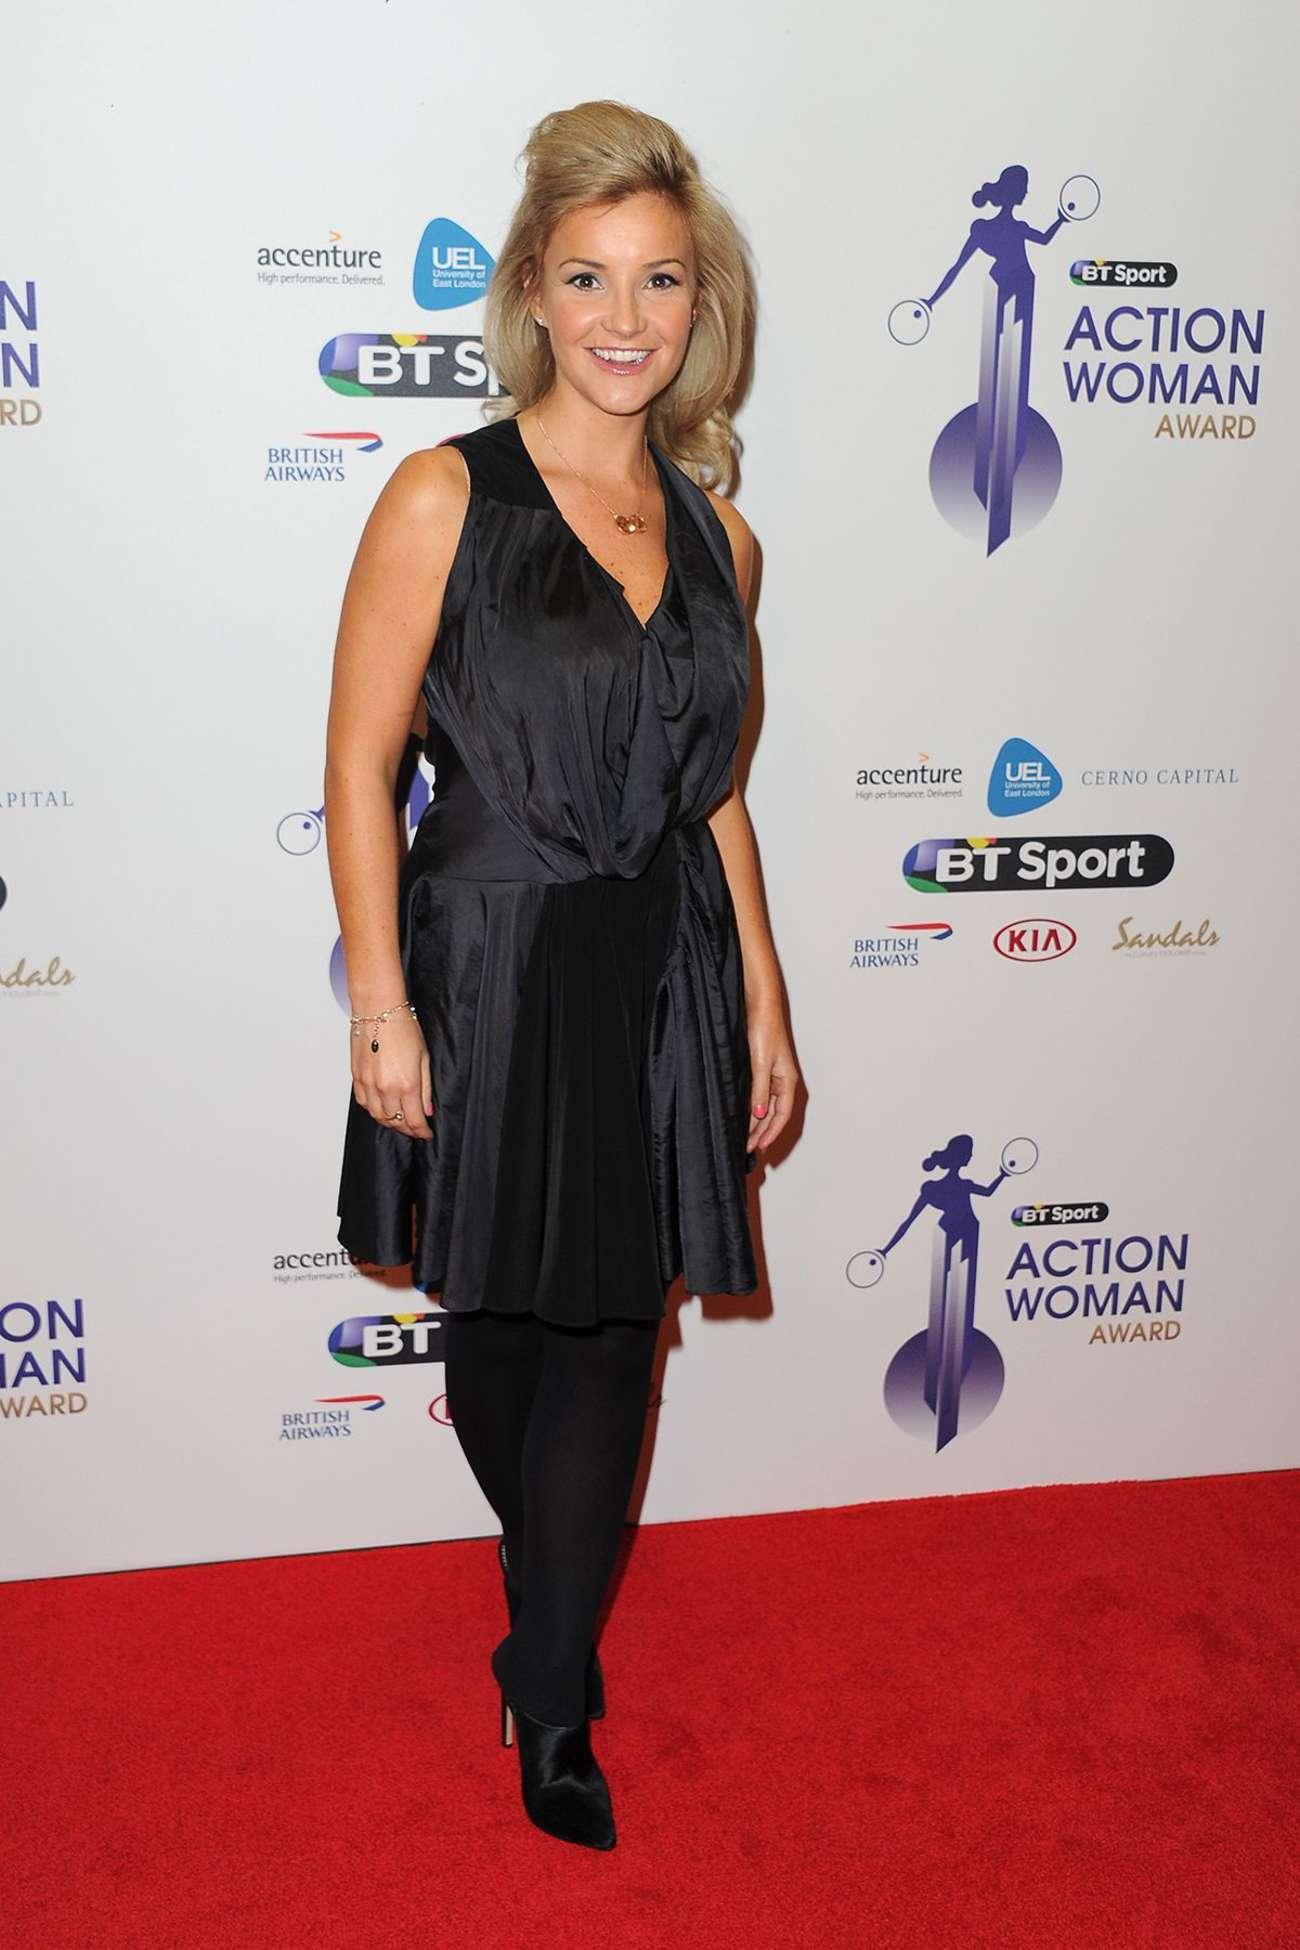 Helen Skelton BT Sport Action Woman Awards in London